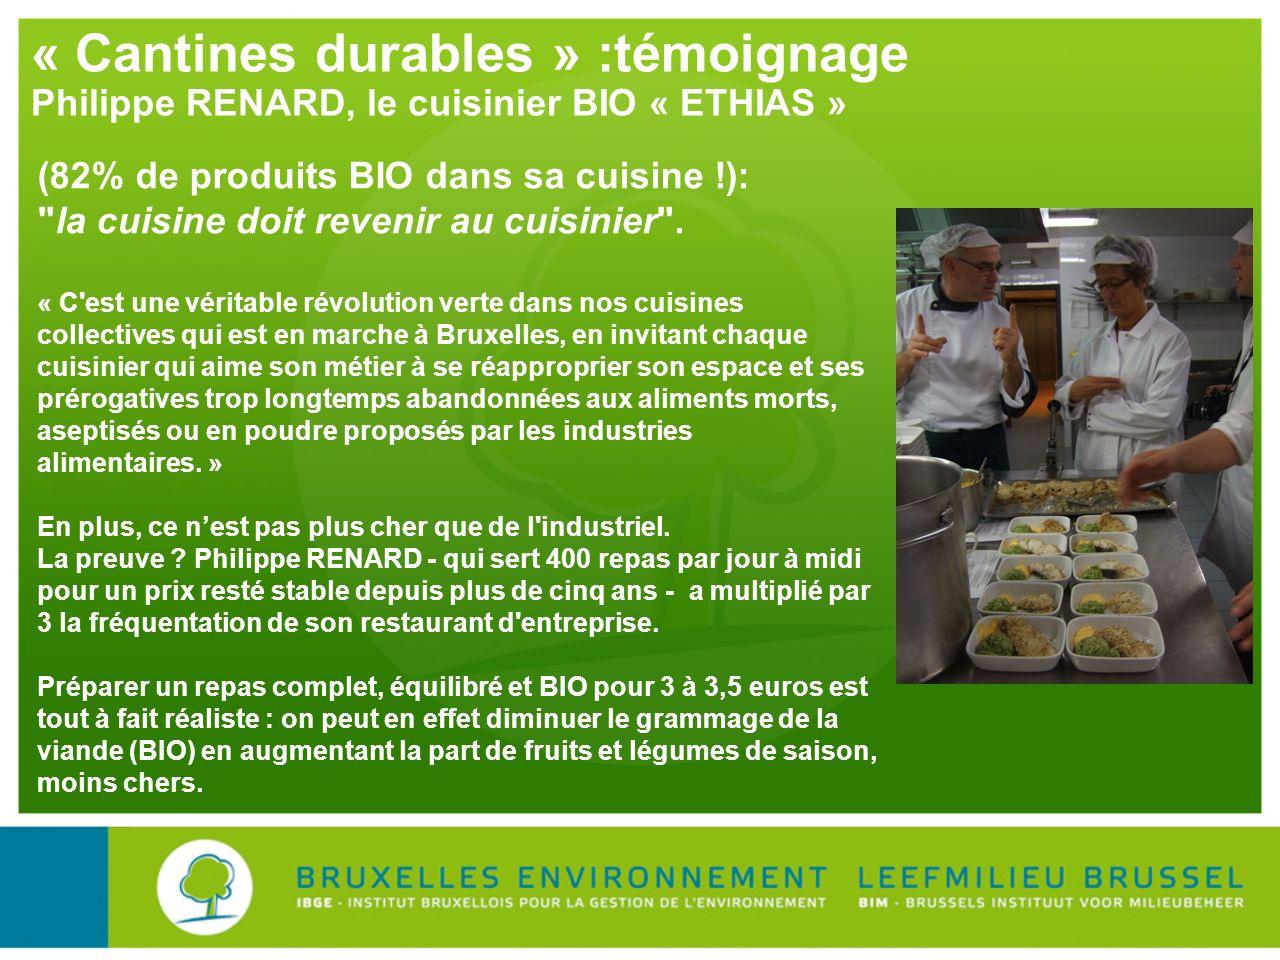 « Cantines durables » :témoignage Philippe RENARD, le cuisinier BIO « ETHIAS » (82% de produits BIO dans sa cuisine !):